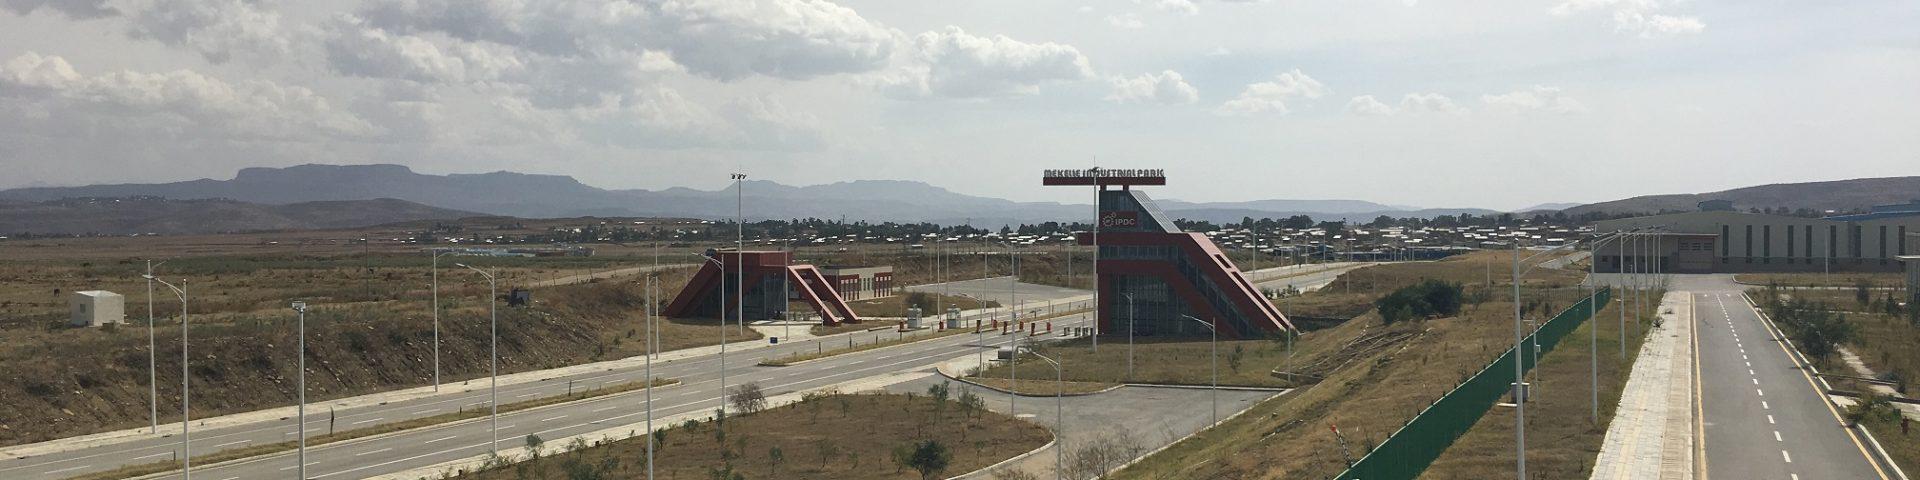 Mekele Industrial Park